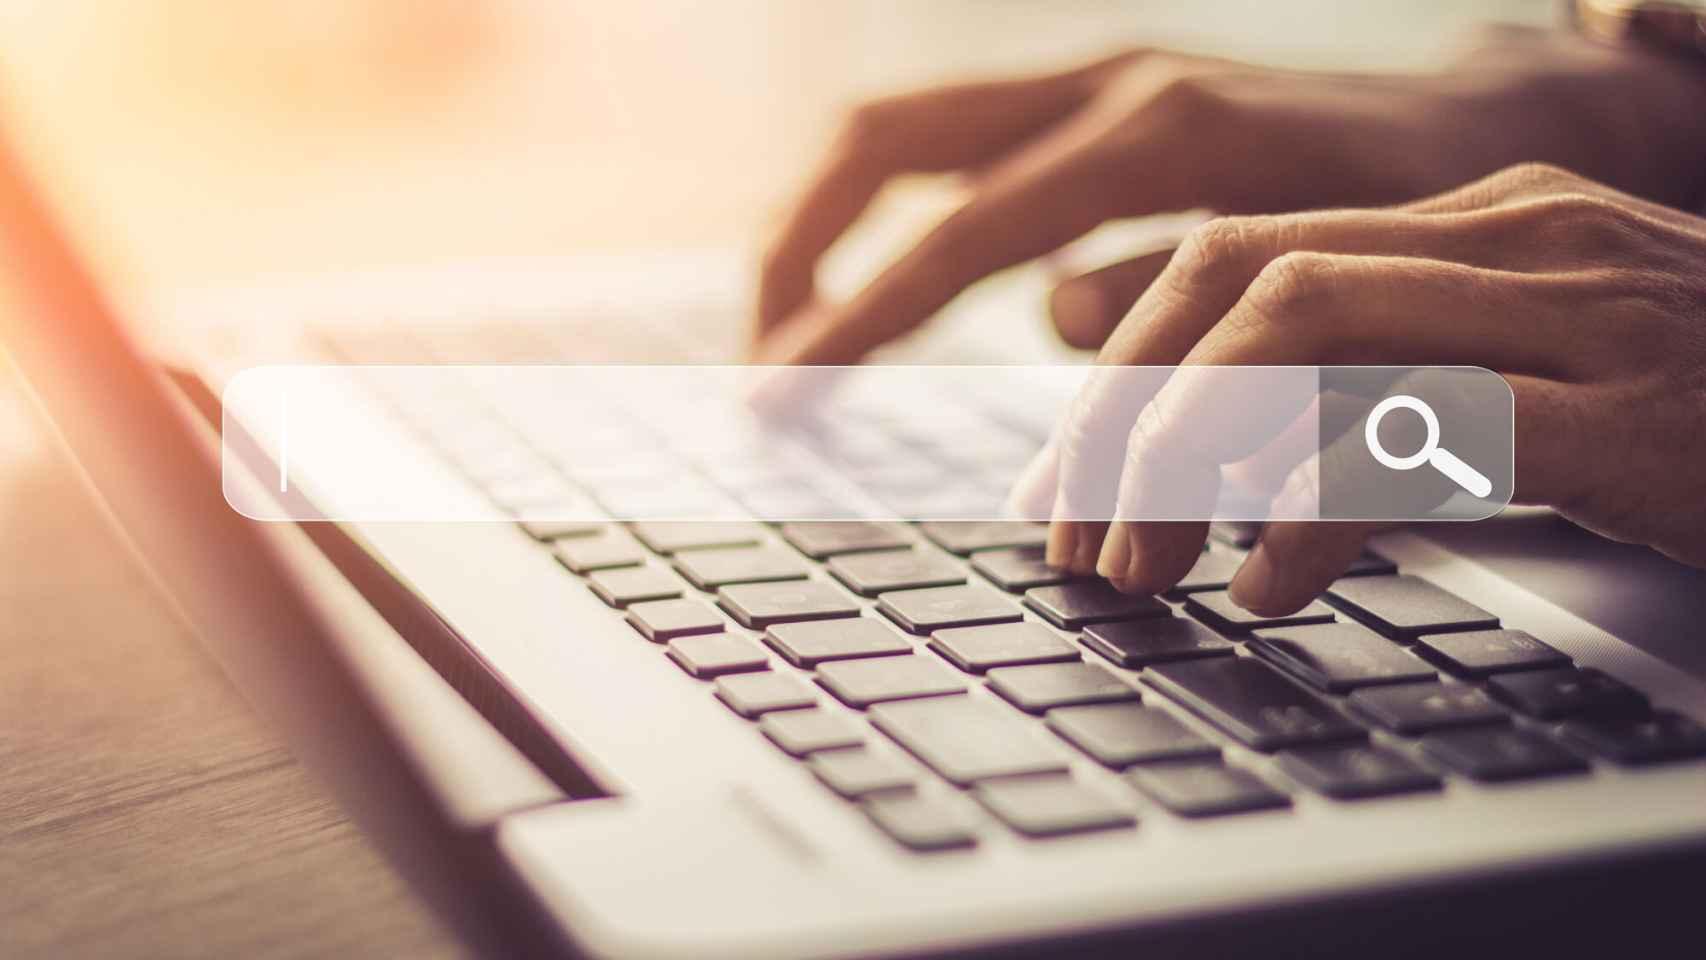 La startup Flaps desarrolla un sistema de búsqueda  inteligente de información empresarial.